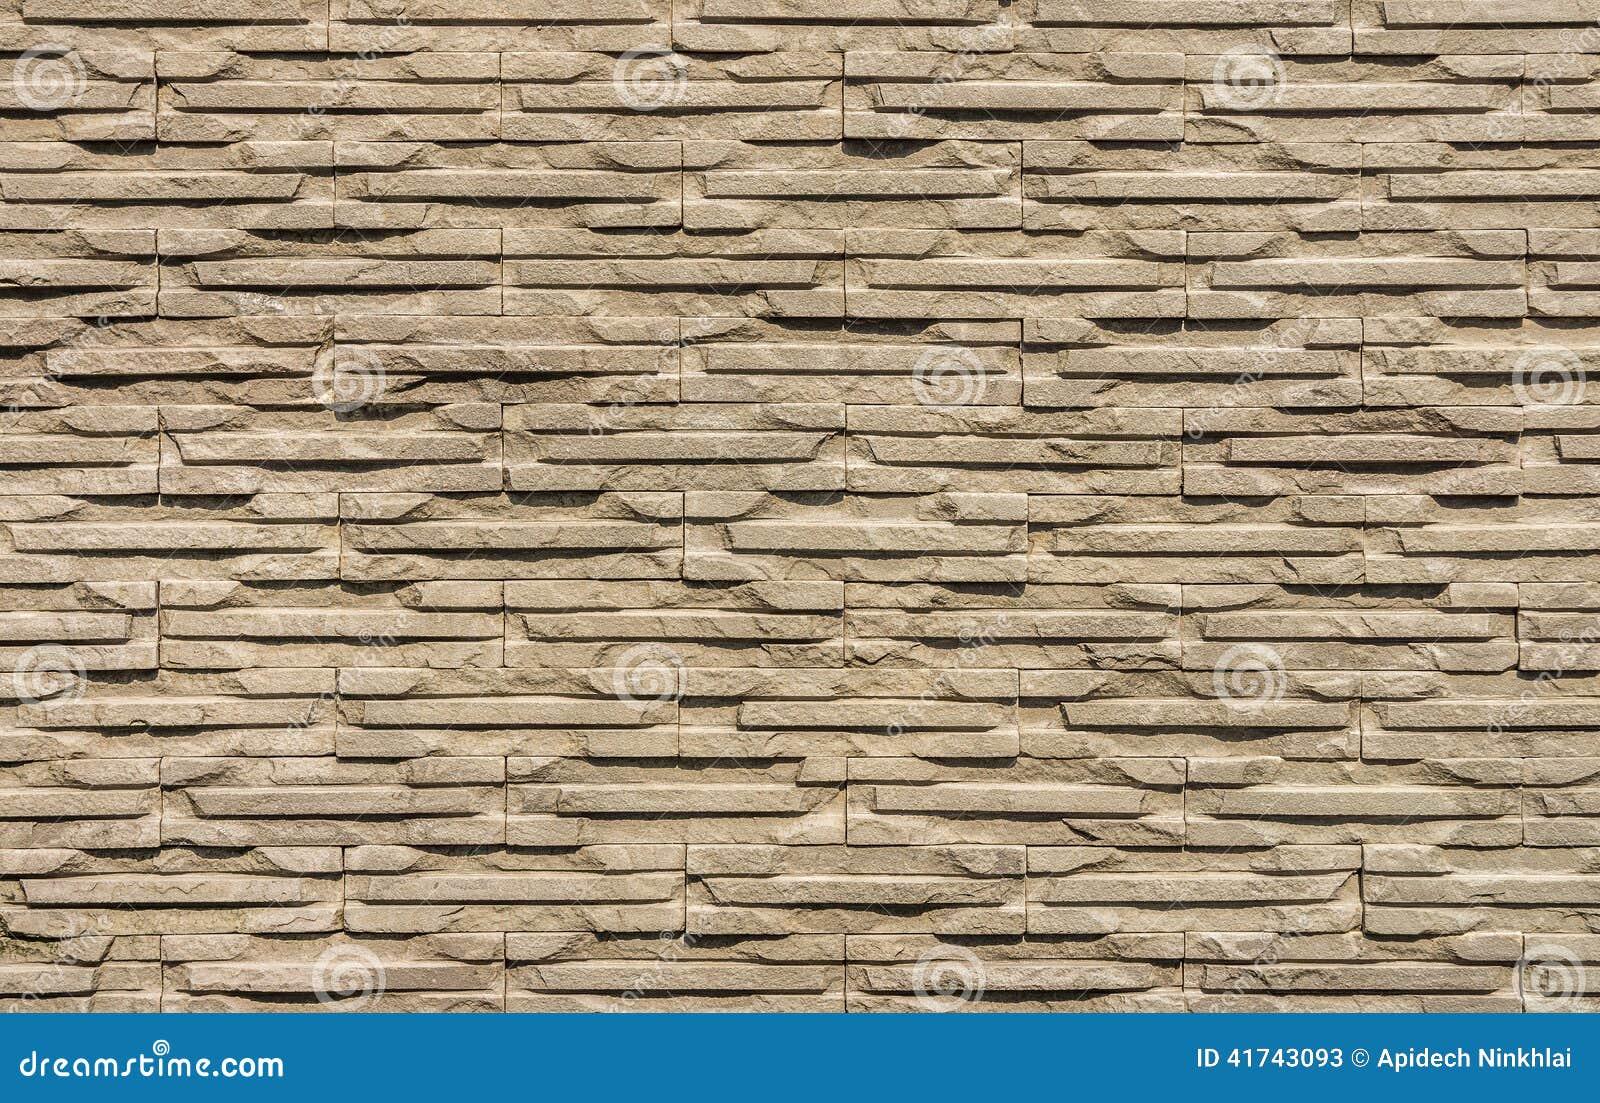 La pared de piedra para el fondo y la textura foto de for Piedra barata para paredes